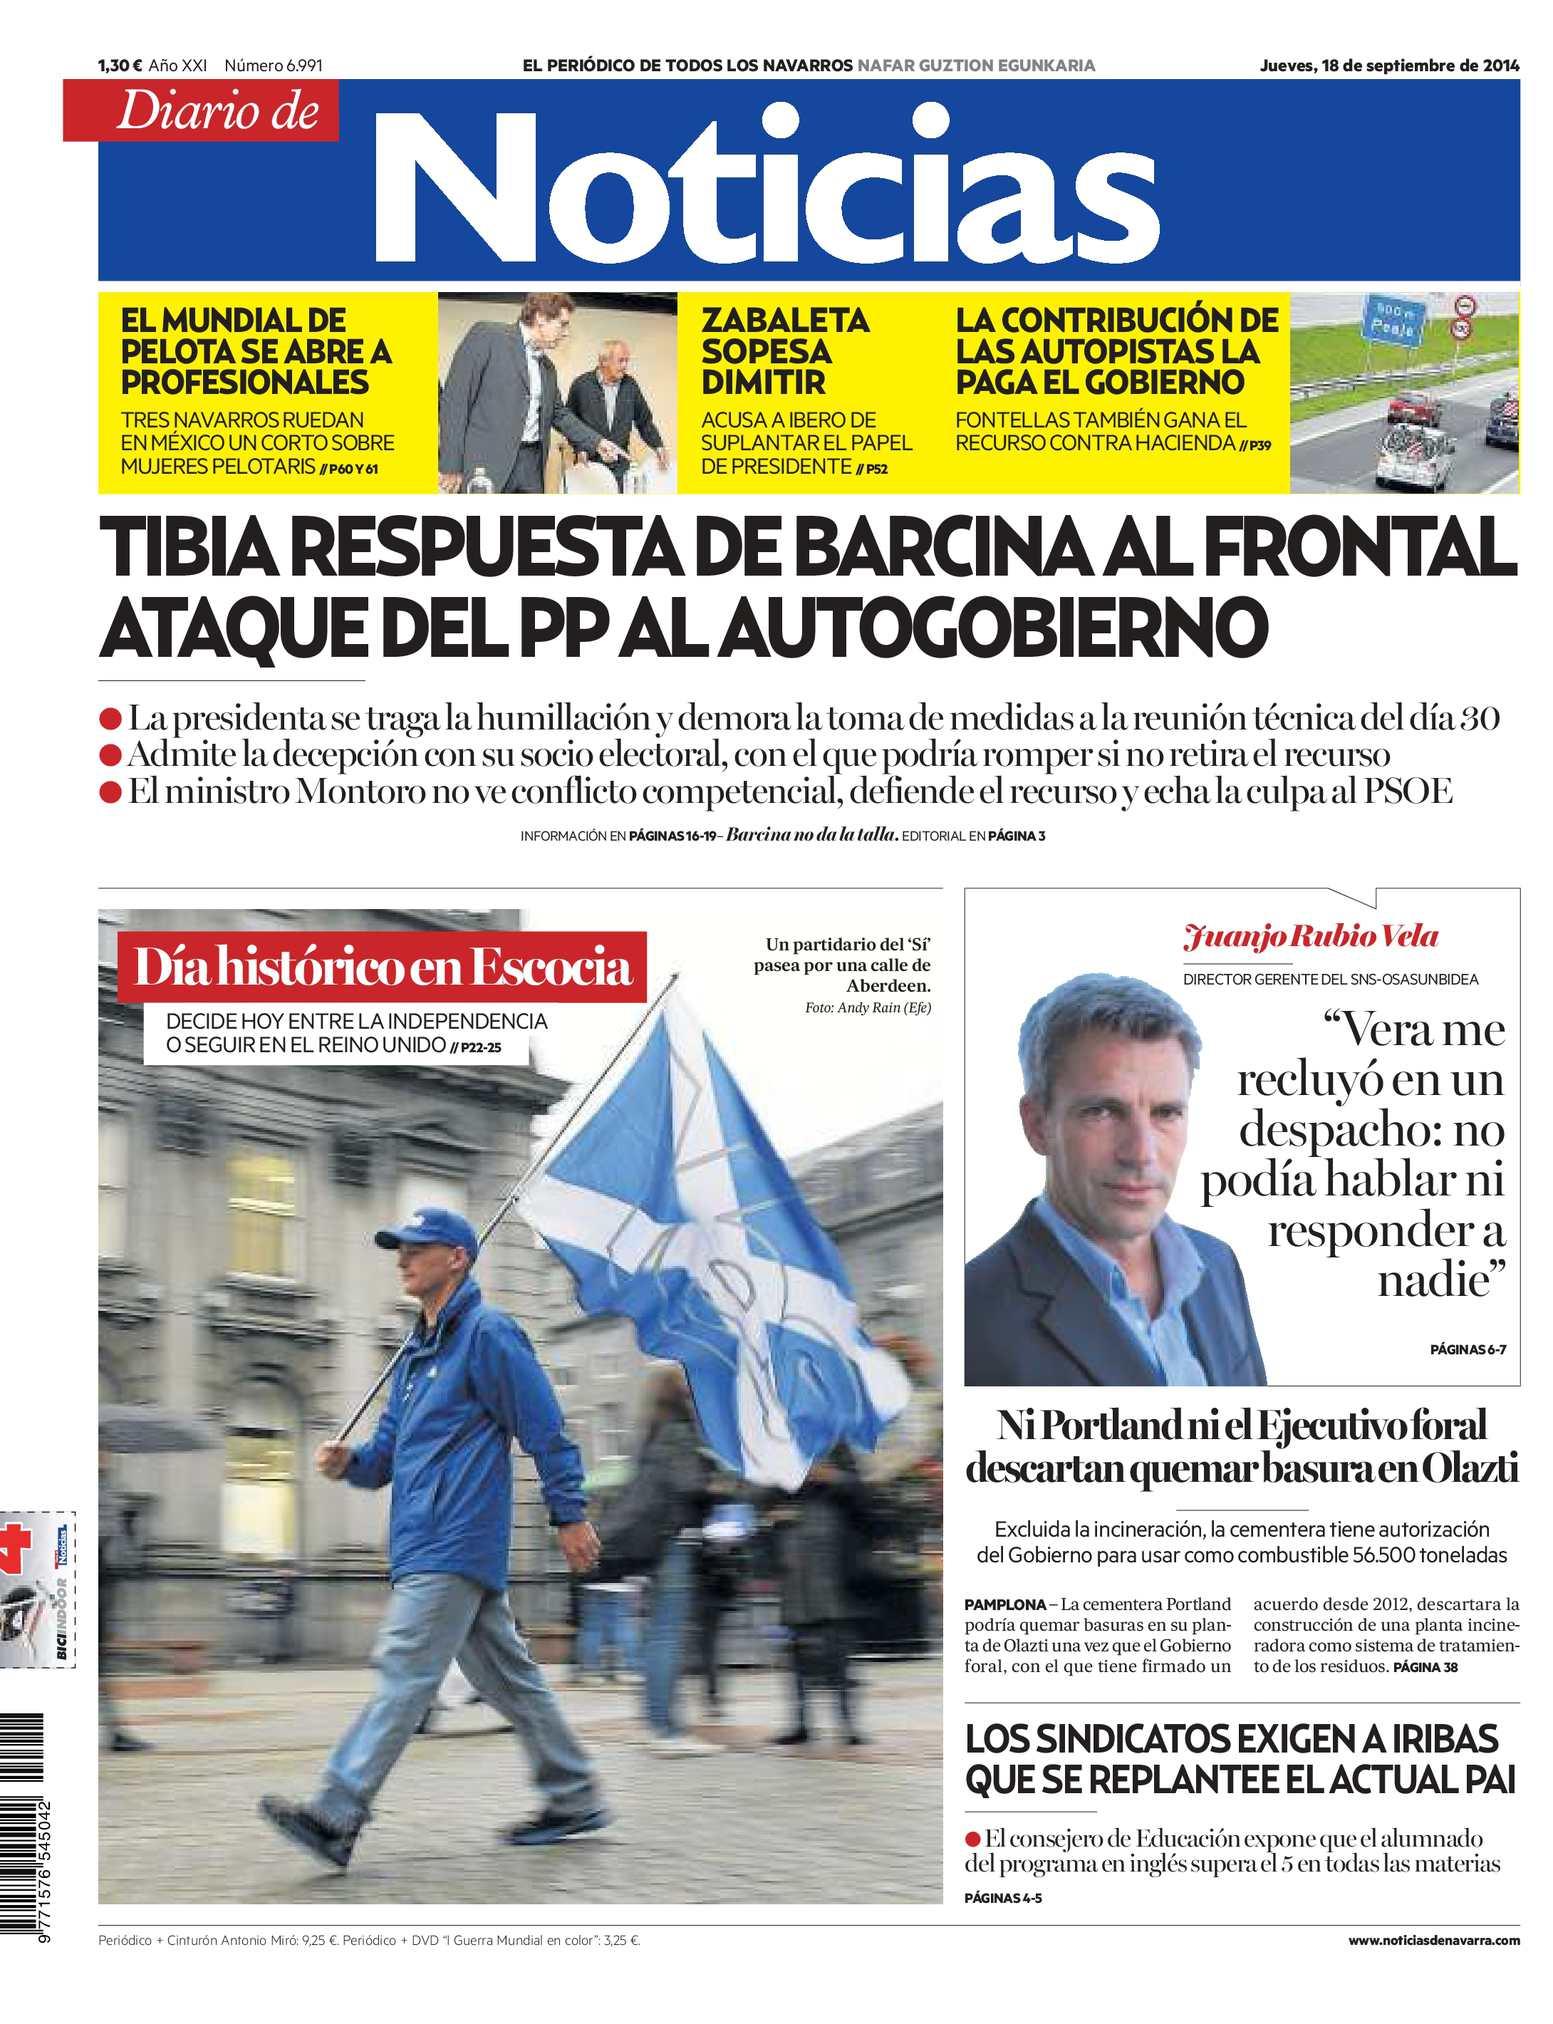 Calaméo - Diario de Noticias 20140918